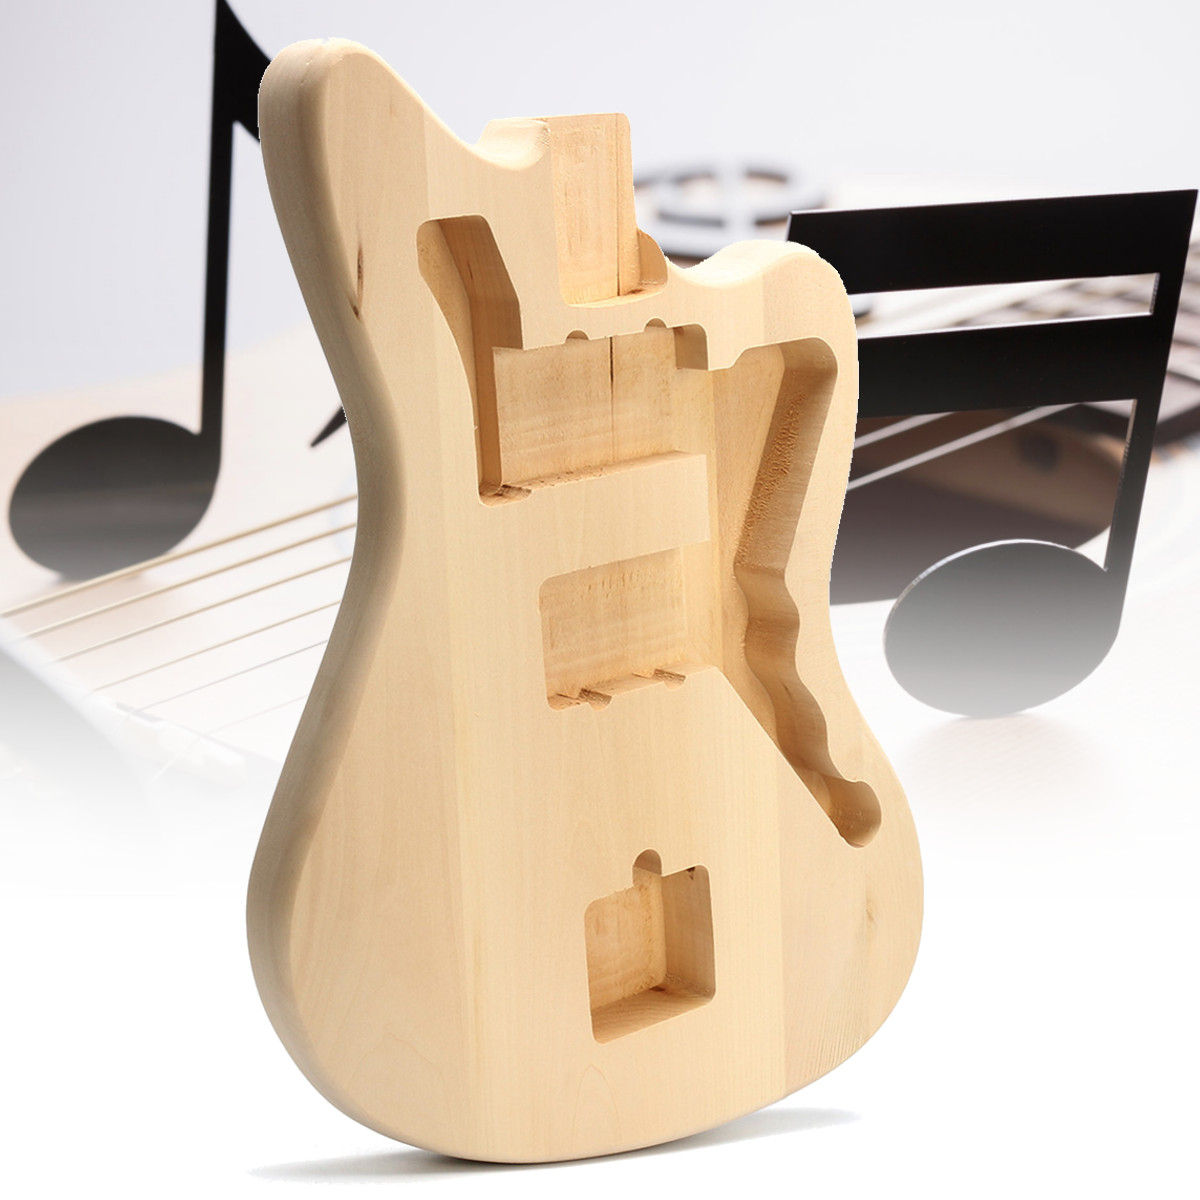 Bricolage Instrument de musique pièces de rechange de corps de guitare non fini Basswood corps de guitare électrique pour 6 cordes accessoires de guitares